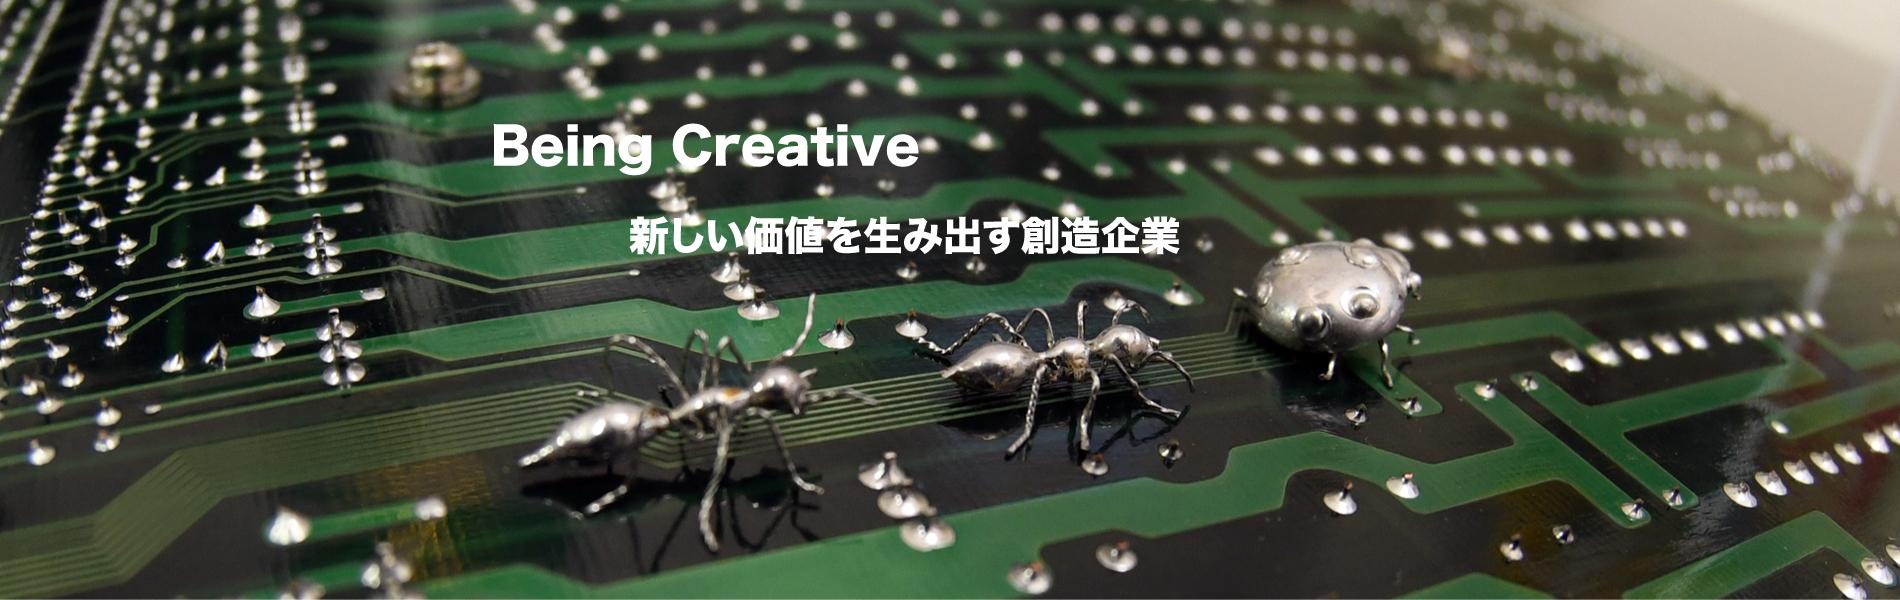 Being Creative 〜新しい価値を生み出す創造企業〜